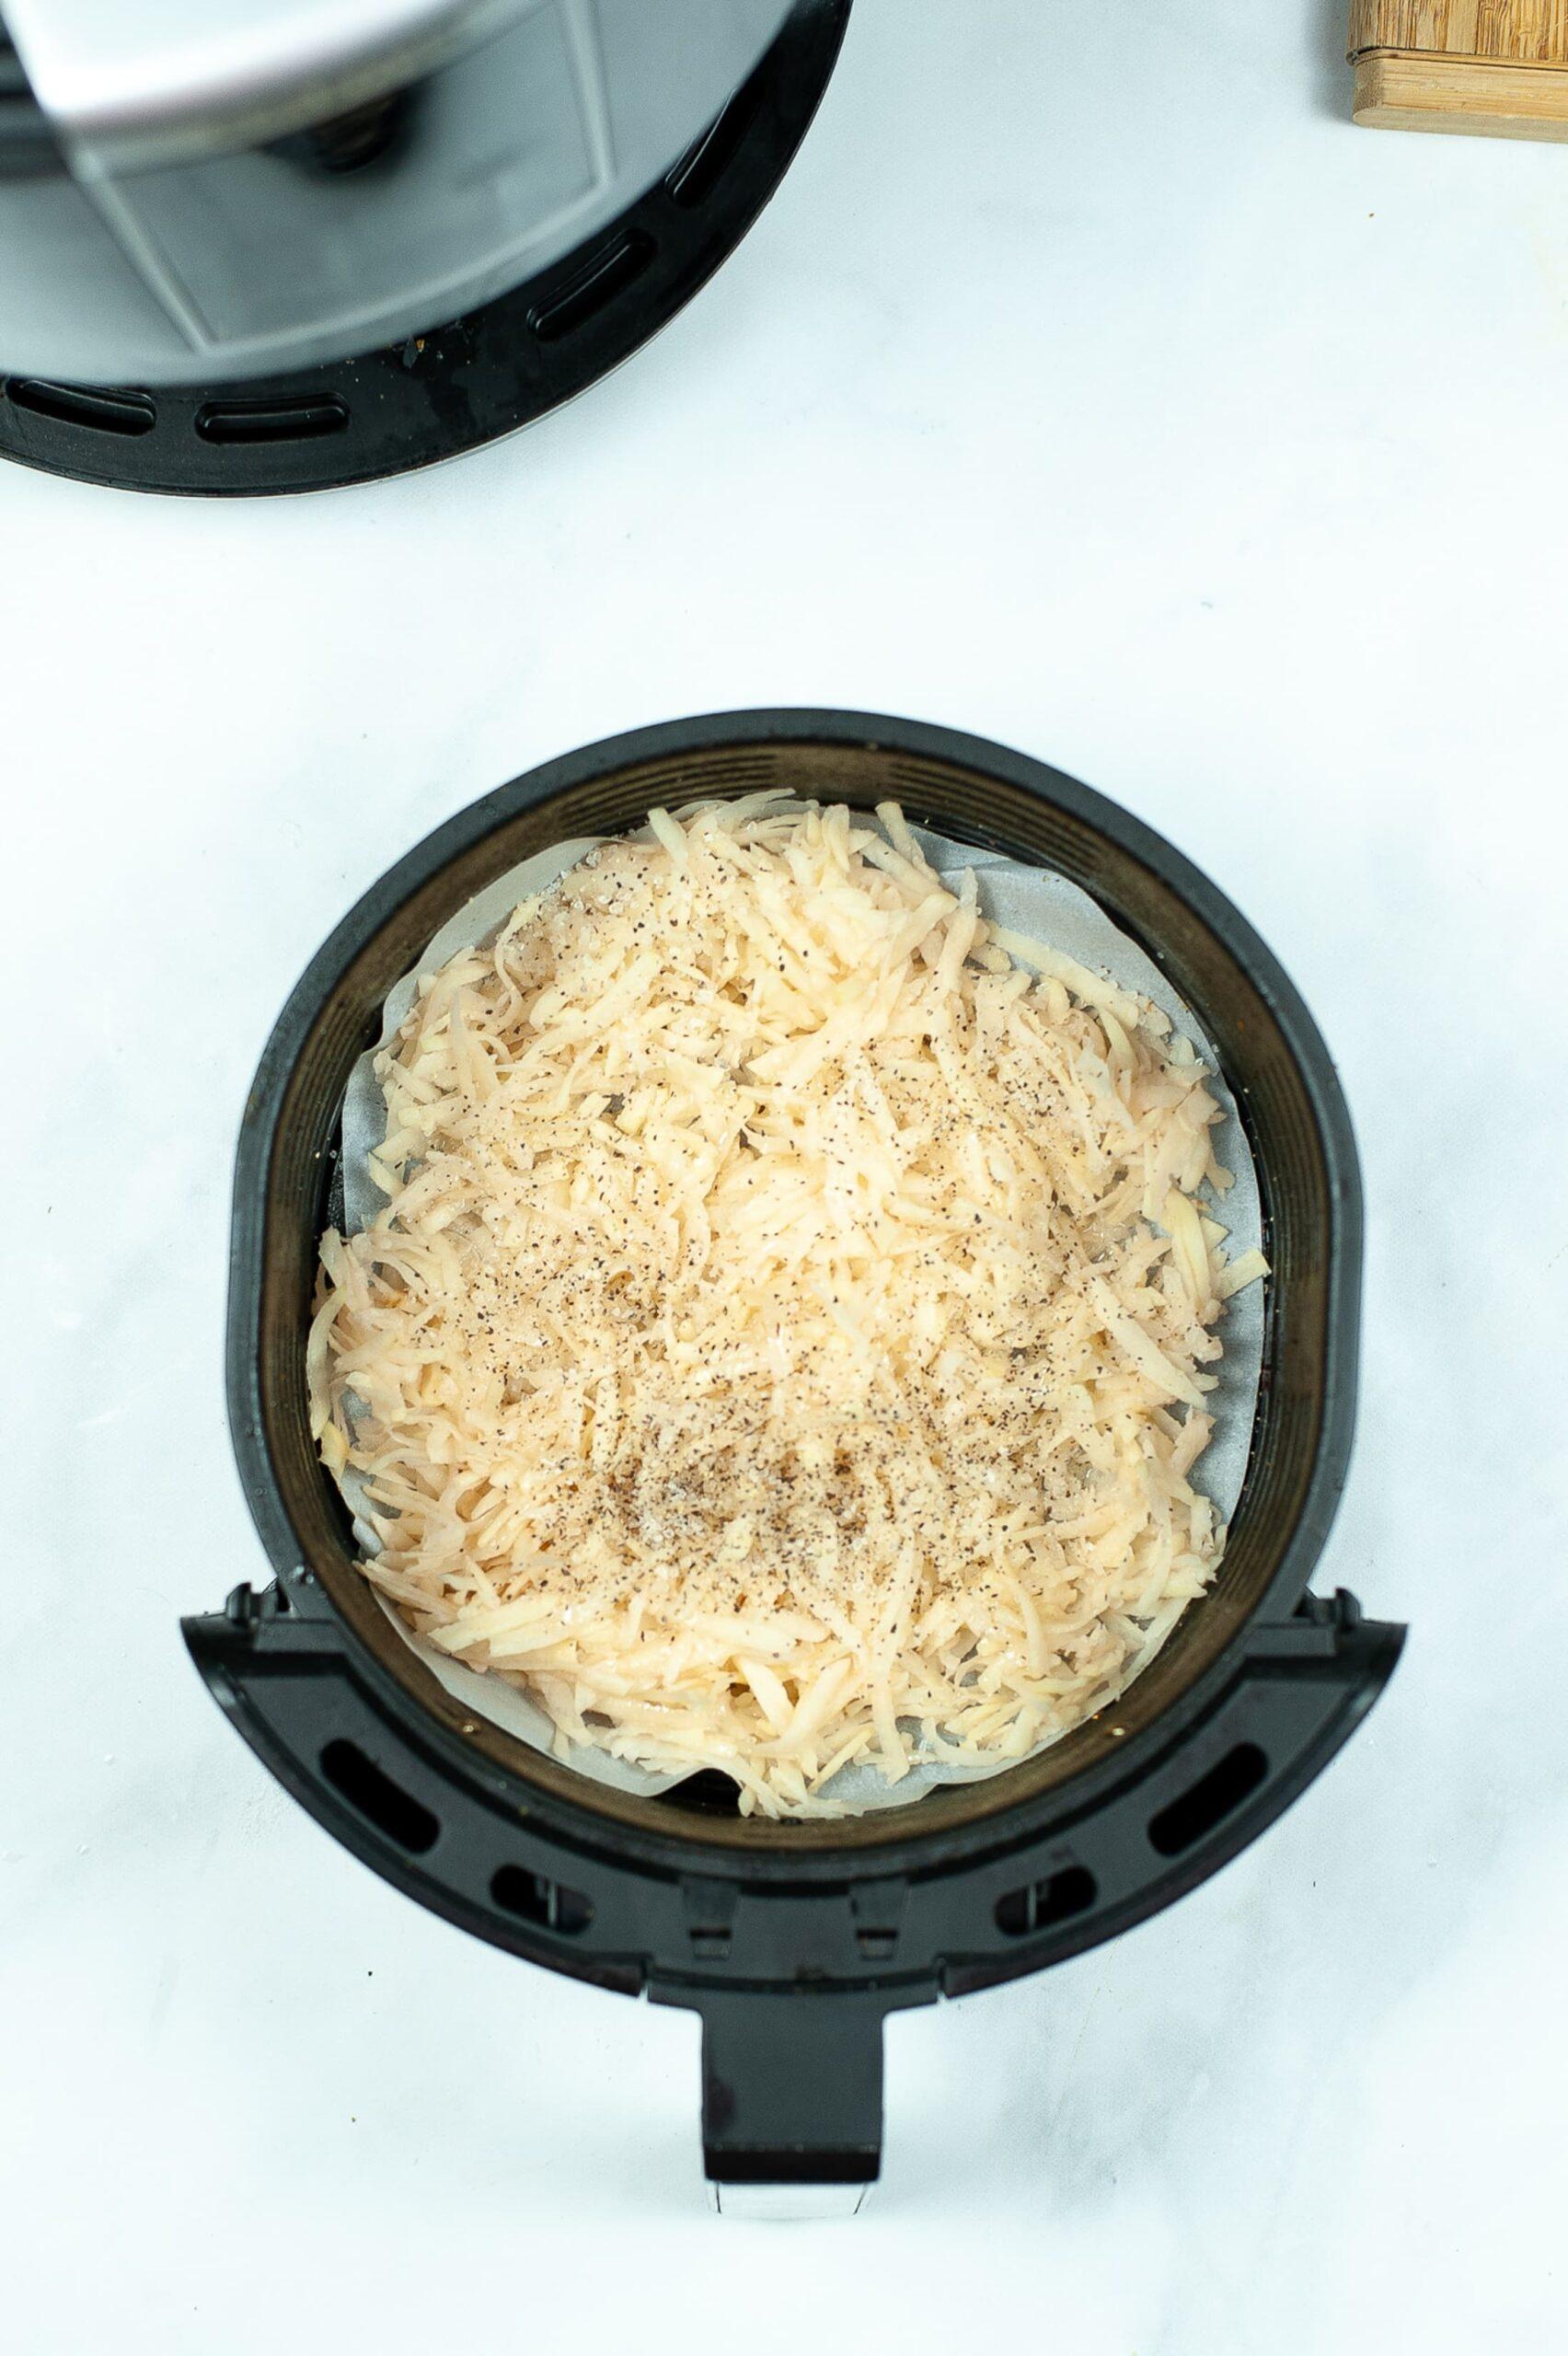 hash browns in air fryer